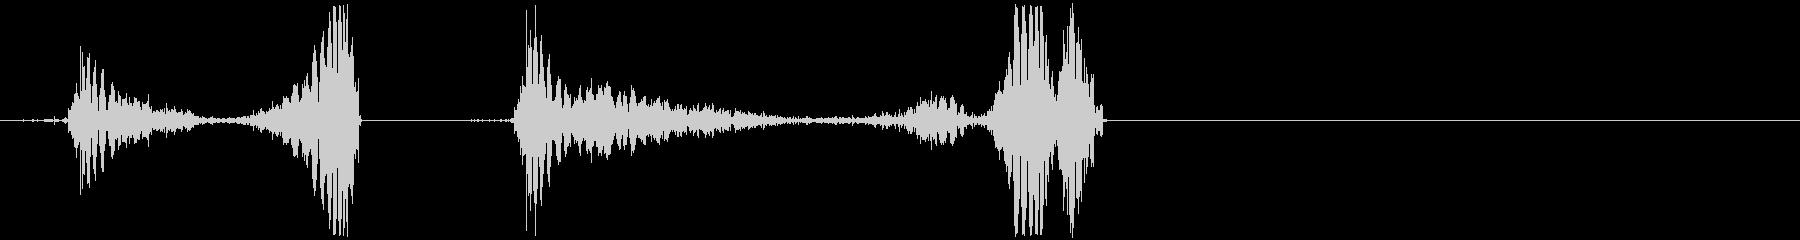 DJスクラッチ/ジュクジュク/A-01の未再生の波形